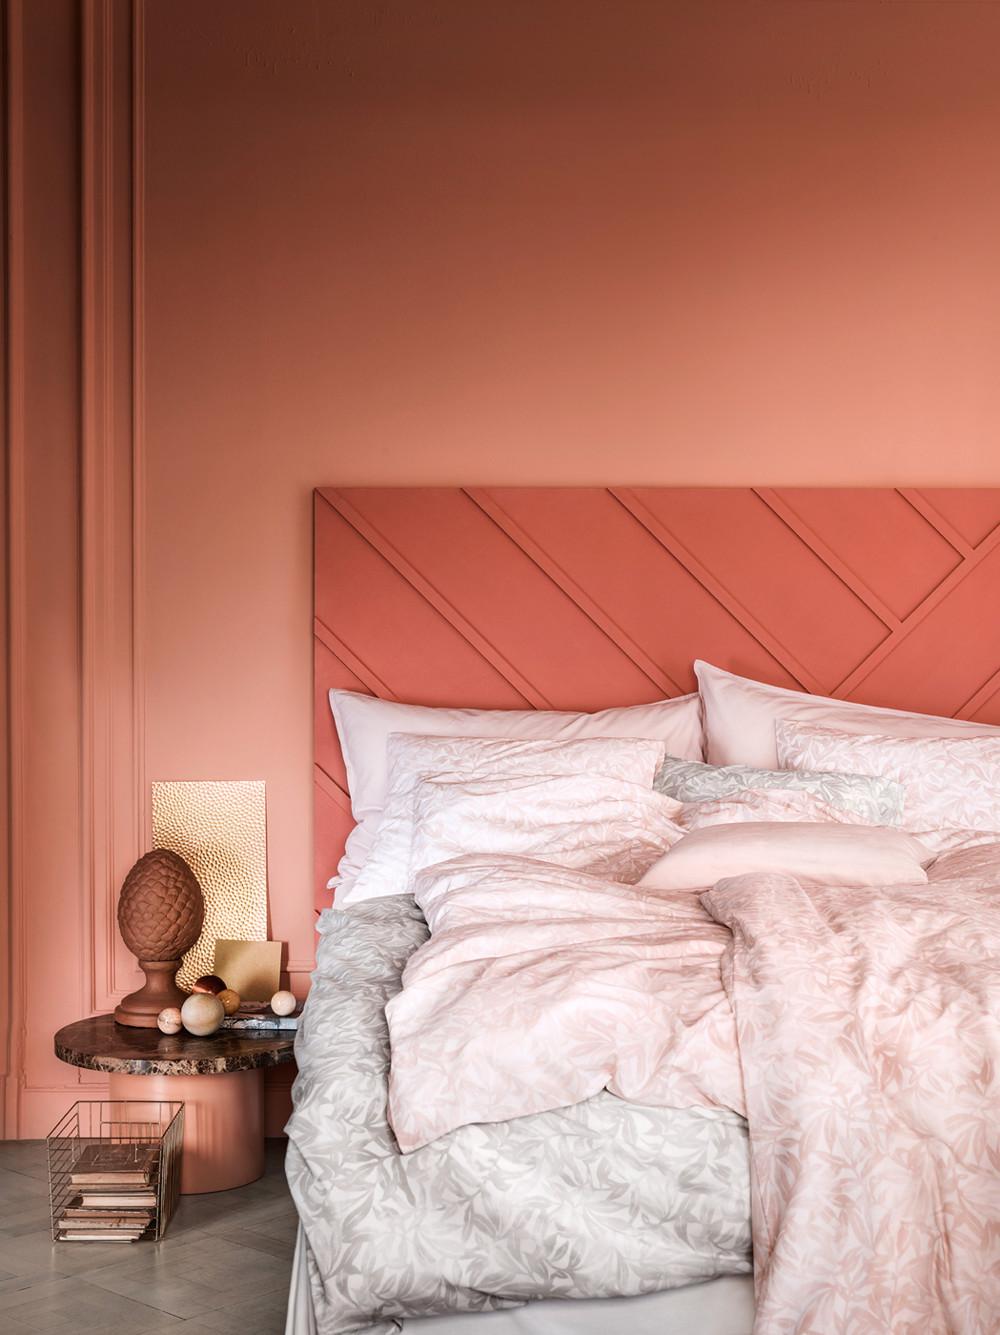 Couleur De Chambre Tendance living coral couleur pantone® 2019, la vie en rose